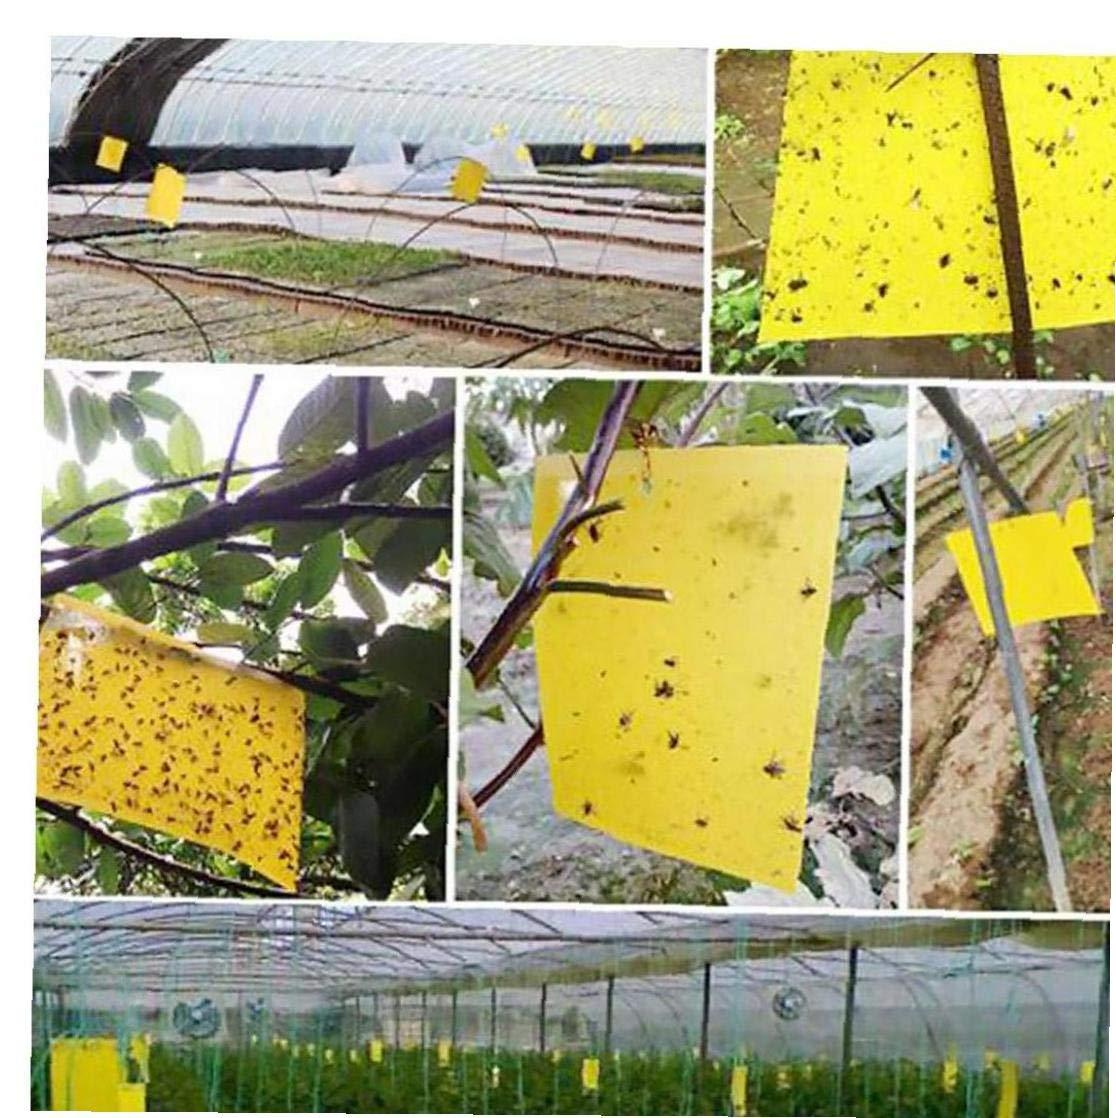 Sticky Fly Trap Trappola Adesiva Paper Fly Catcher Insetti Carta Doppia Faccia Fly Catcher Forniture da Giardino Serra per La Casa 10sheet Giallo